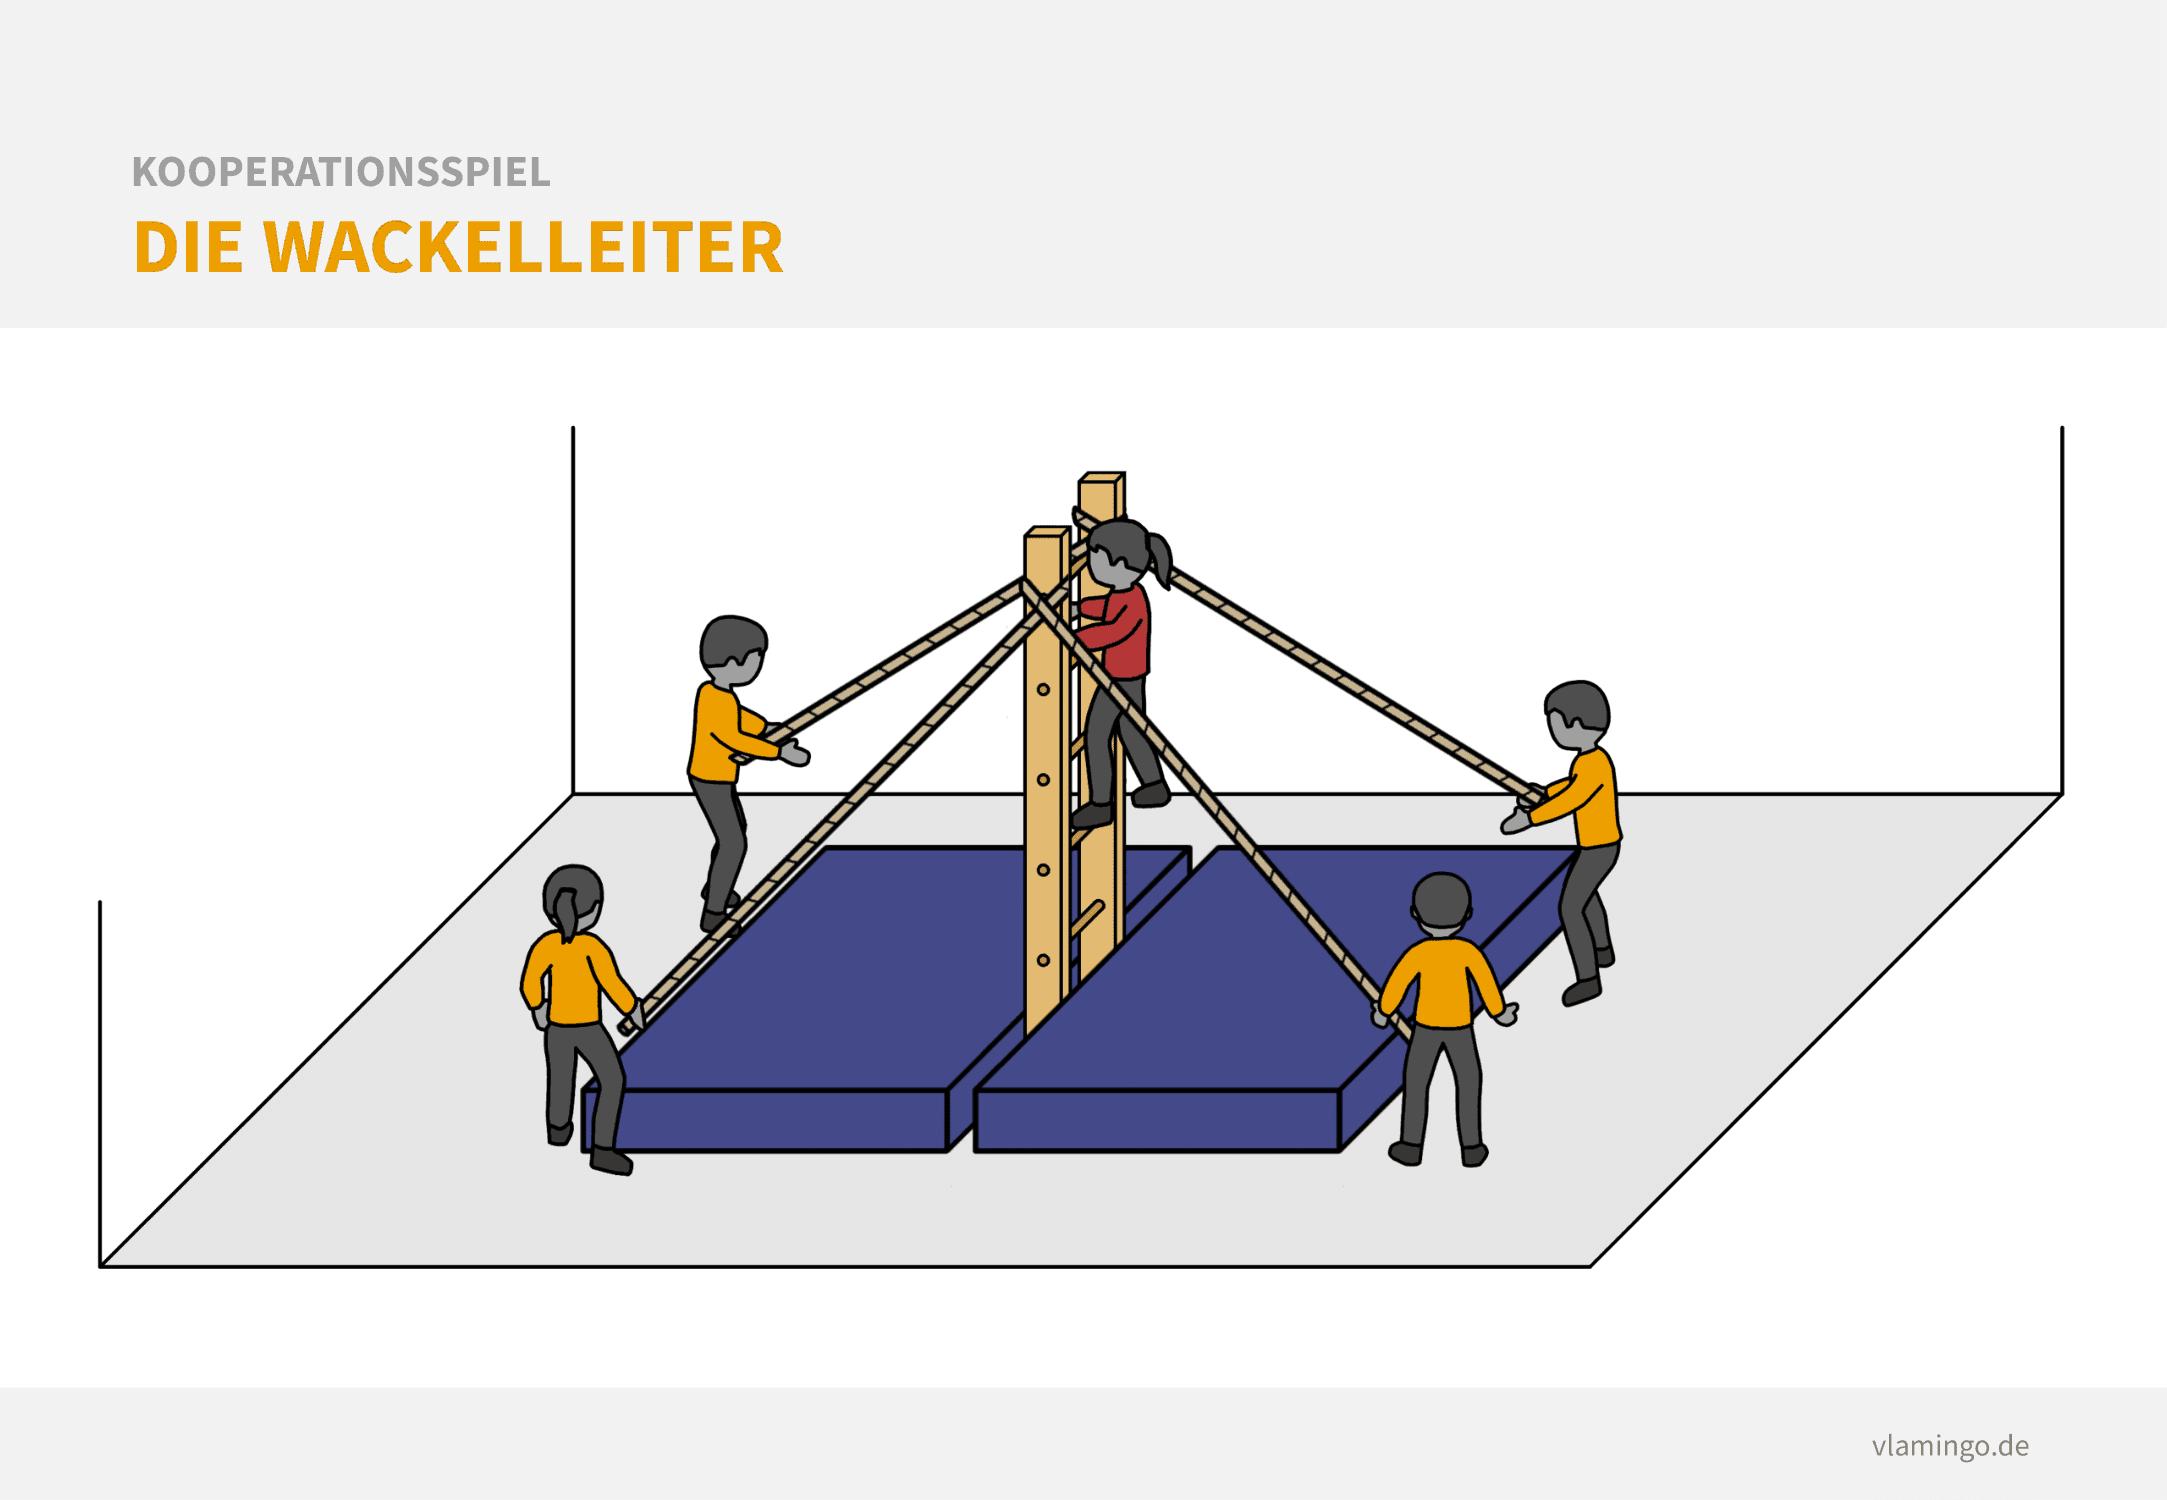 Kooperationsspiel: Die Wackelleiter